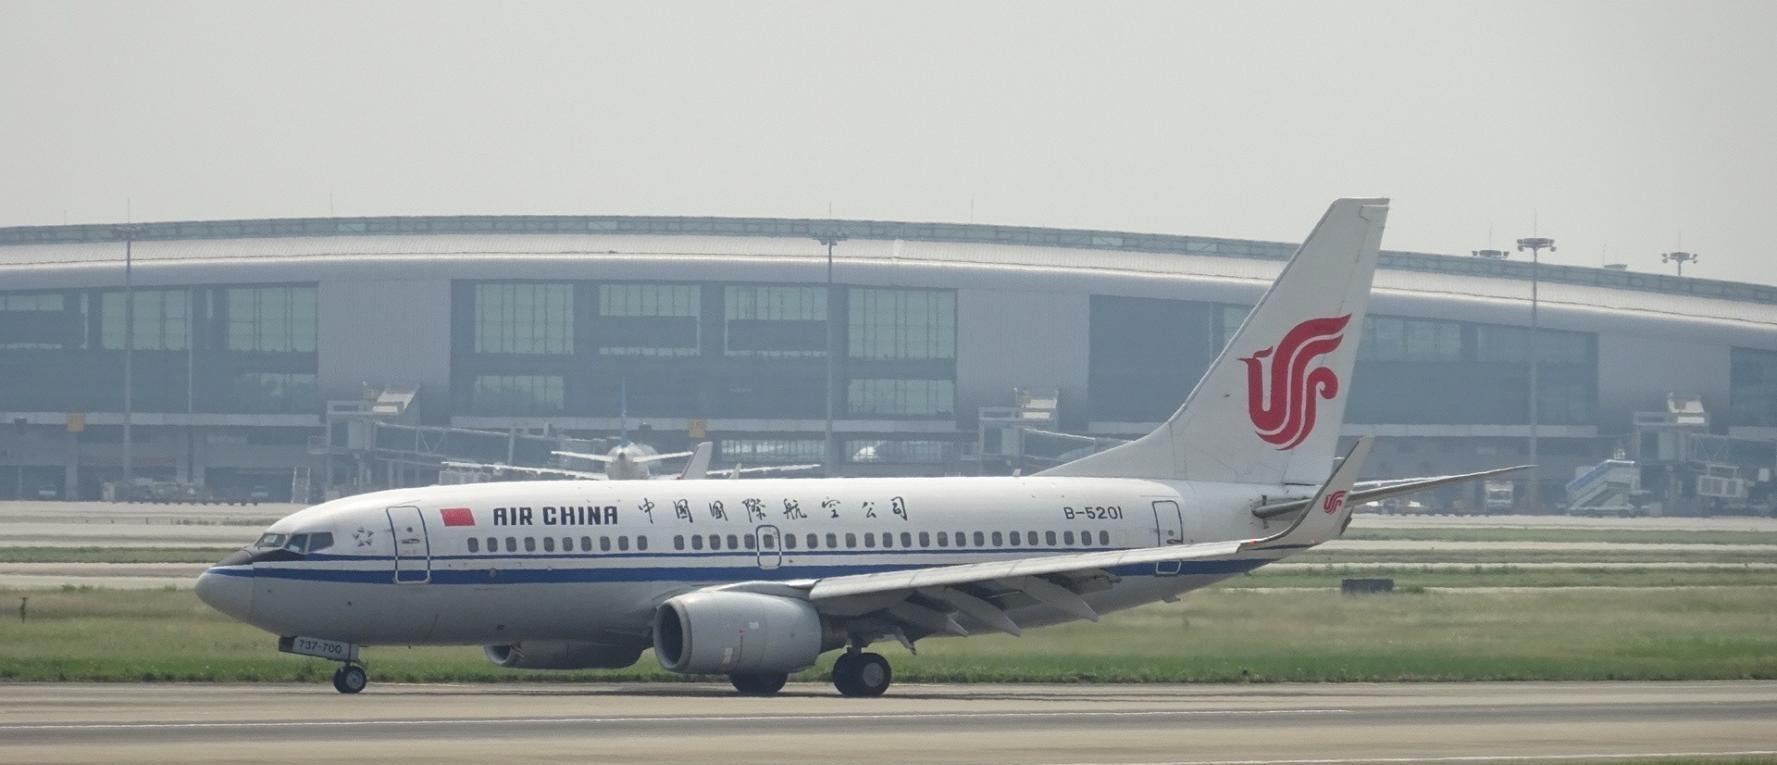 广东最强的国际机场, 耗资198亿建成, 位居全国前三, 超上海虹桥